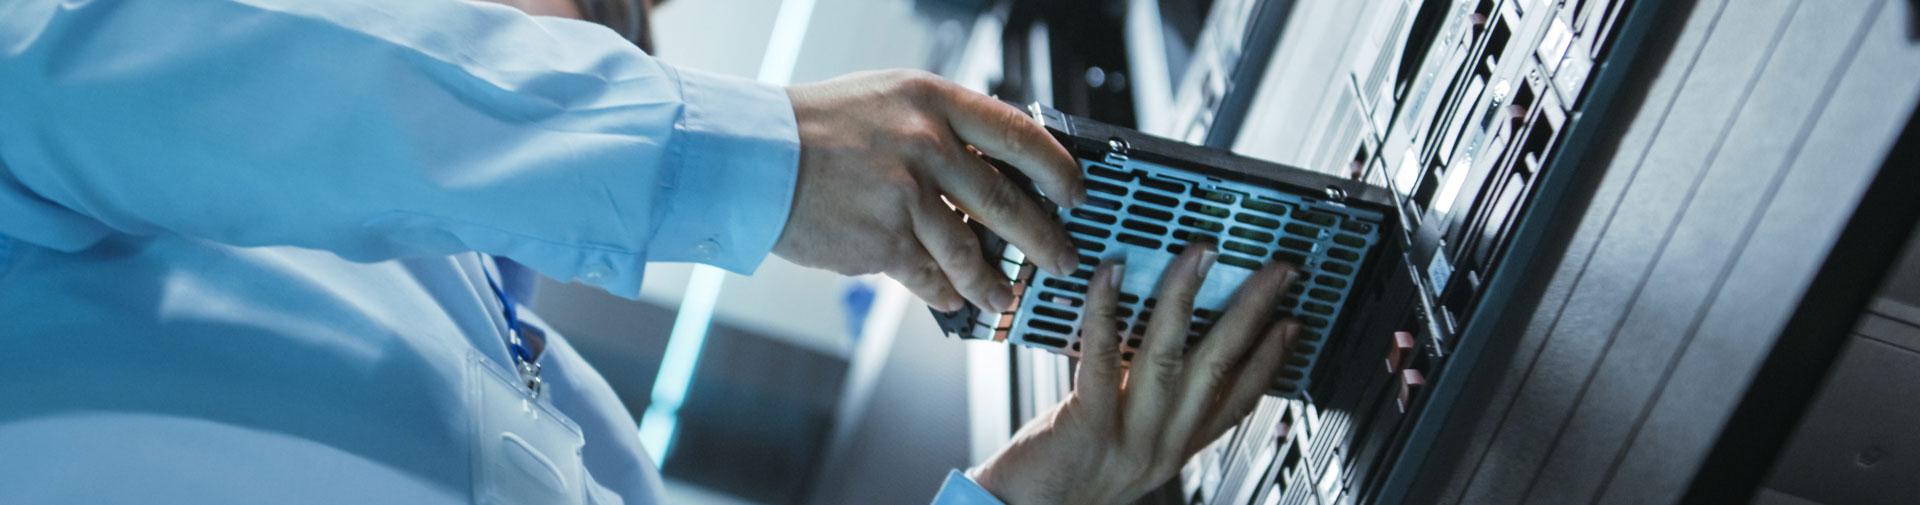 IT Services à Agde : solutions informatiques pour les professionnels